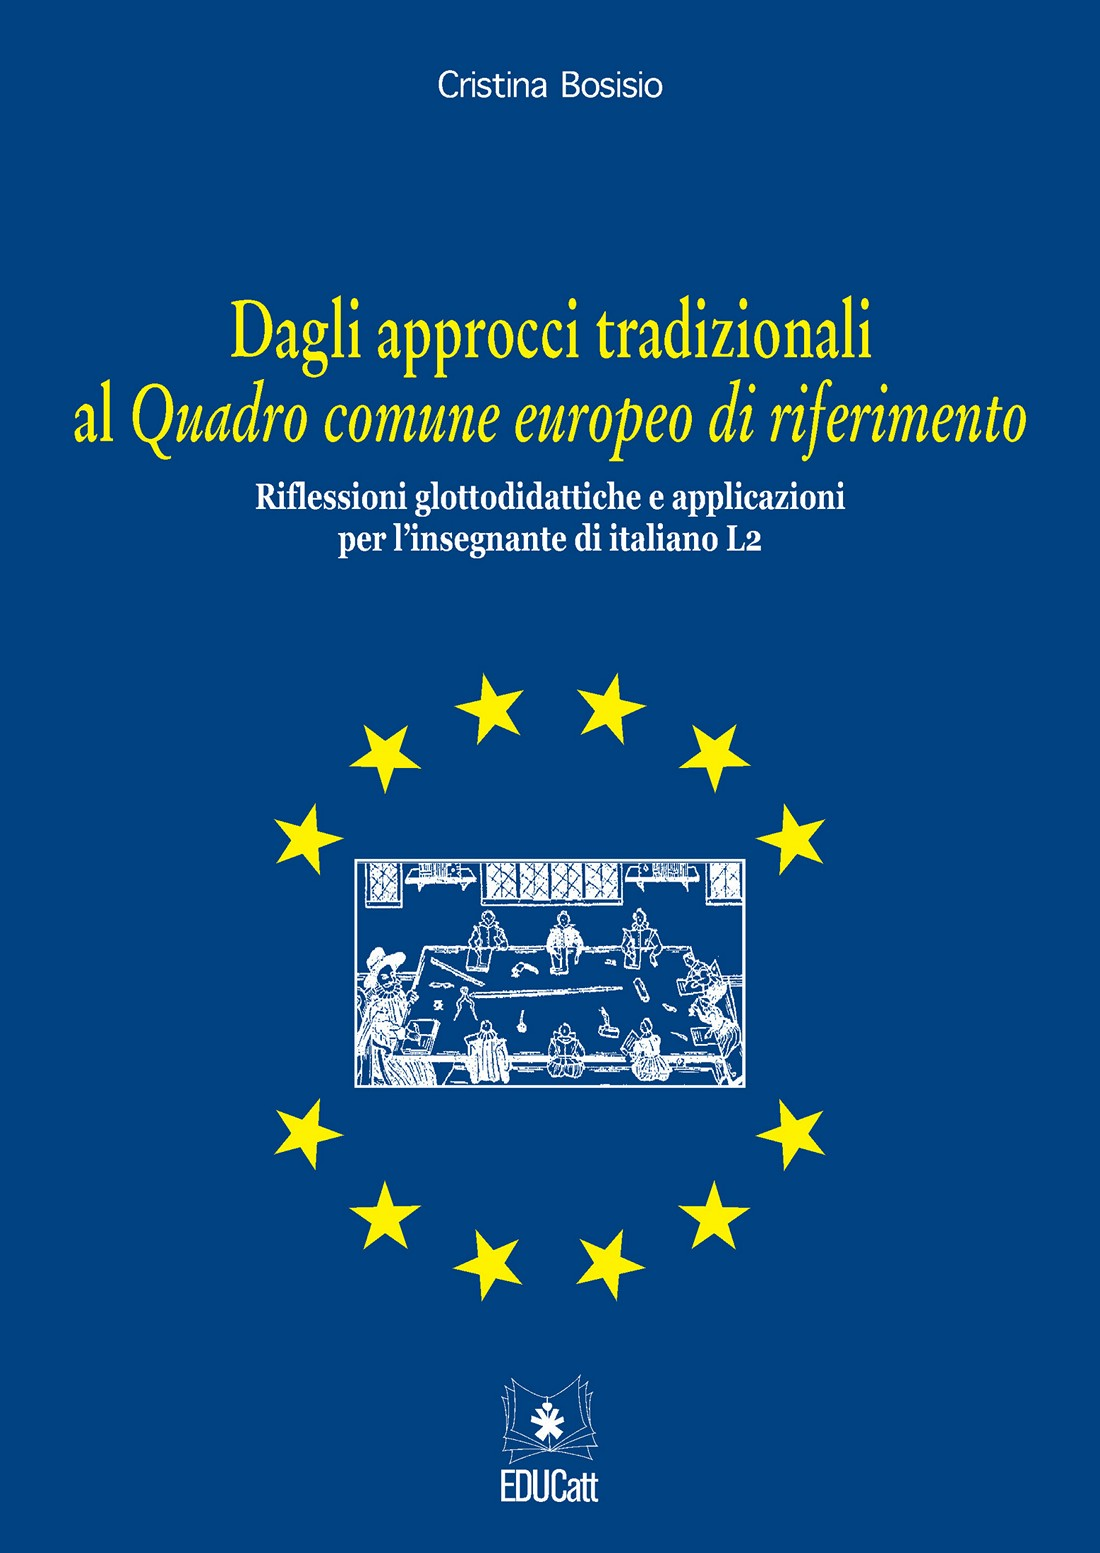 DAGLI APPROCCI TRADIZIONALI AL QUADRO COMUNE EUROPEO DI RIFERIMENTO